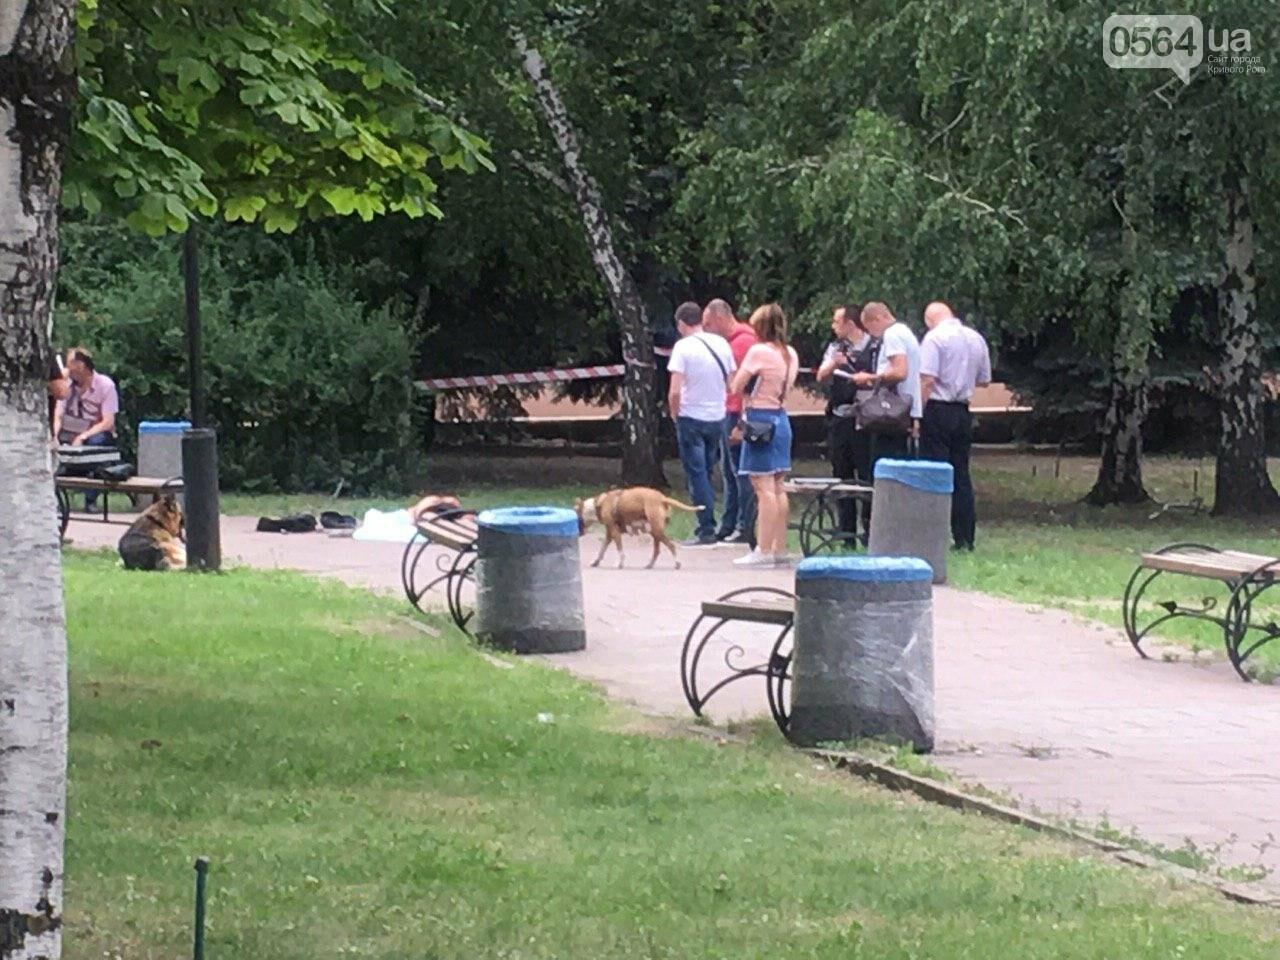 Возле мэрии Кривого Рога найдено тело мужчины с ножевыми ранениями. Рядом с убитым находится его собака, - ФОТО, ВИДЕО 18+, фото-9